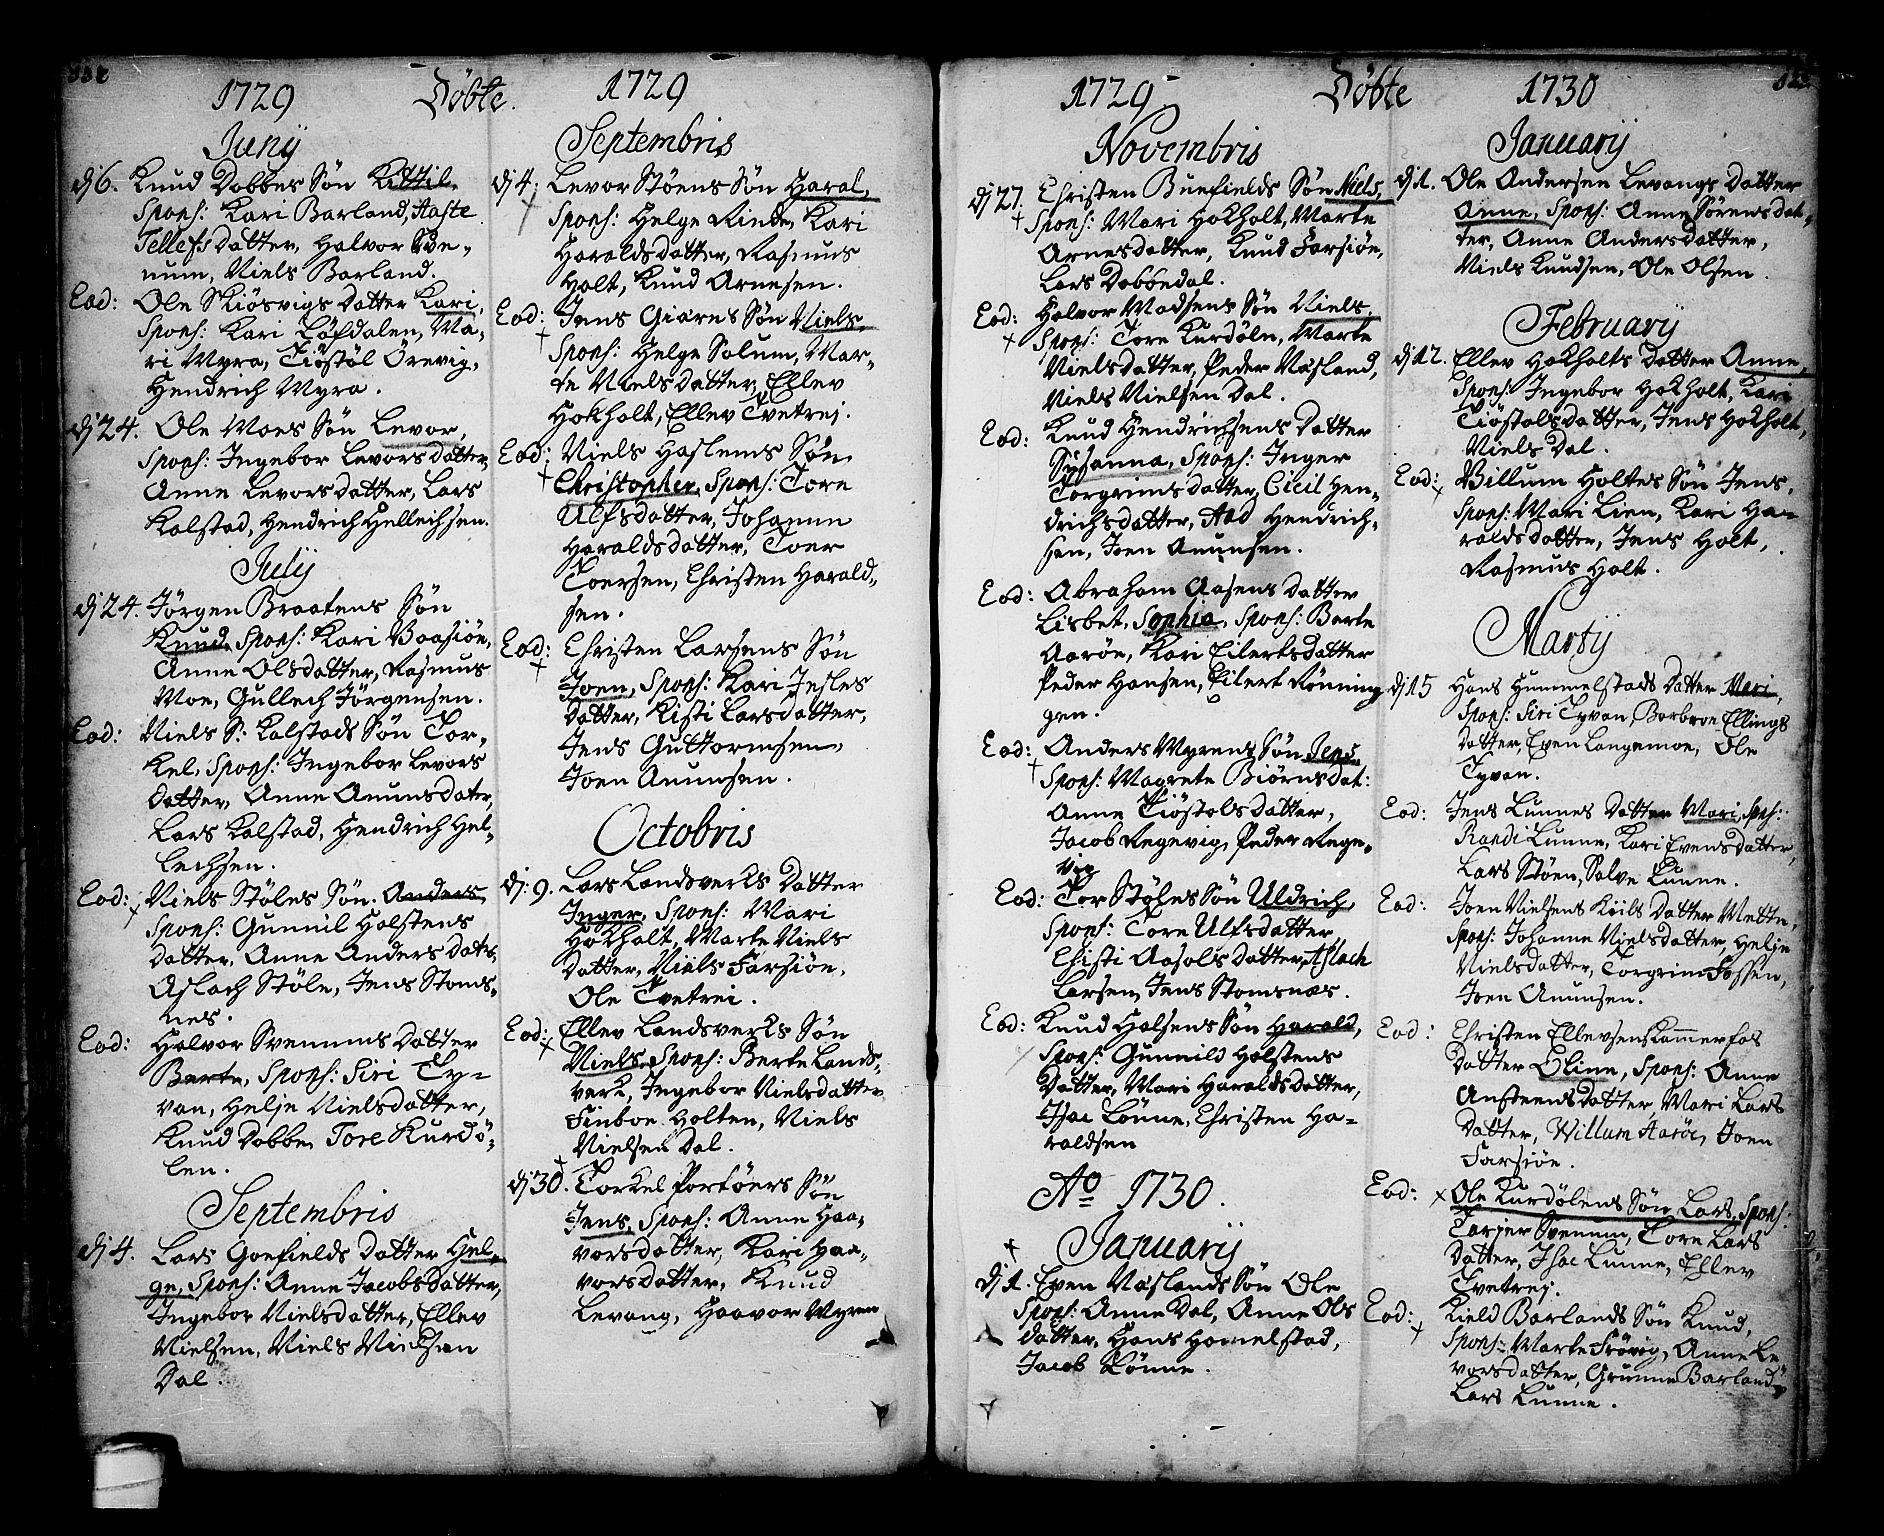 SAKO, Sannidal kirkebøker, F/Fa/L0001: Ministerialbok nr. 1, 1702-1766, s. 132-133